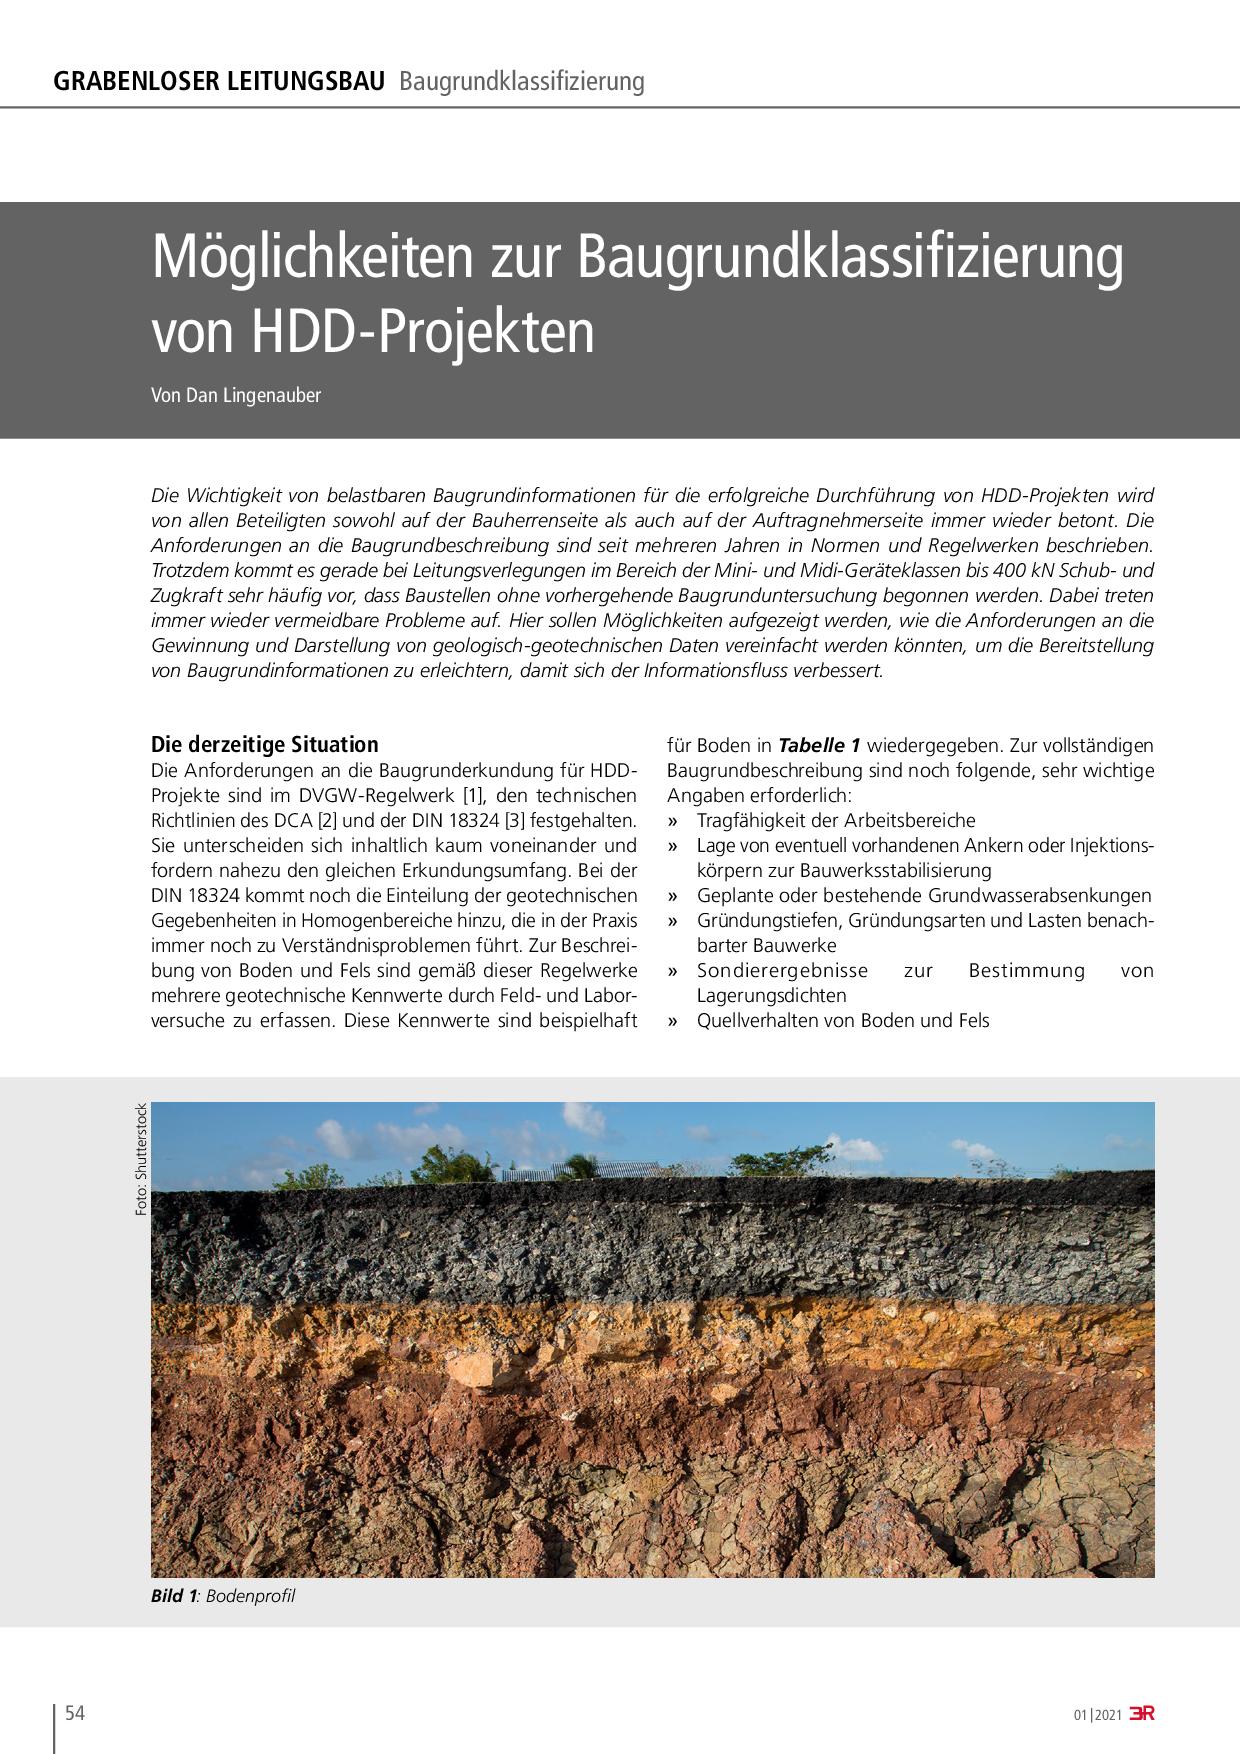 Möglichkeiten zur Baugrundklassifizierung von HDD-Projekten